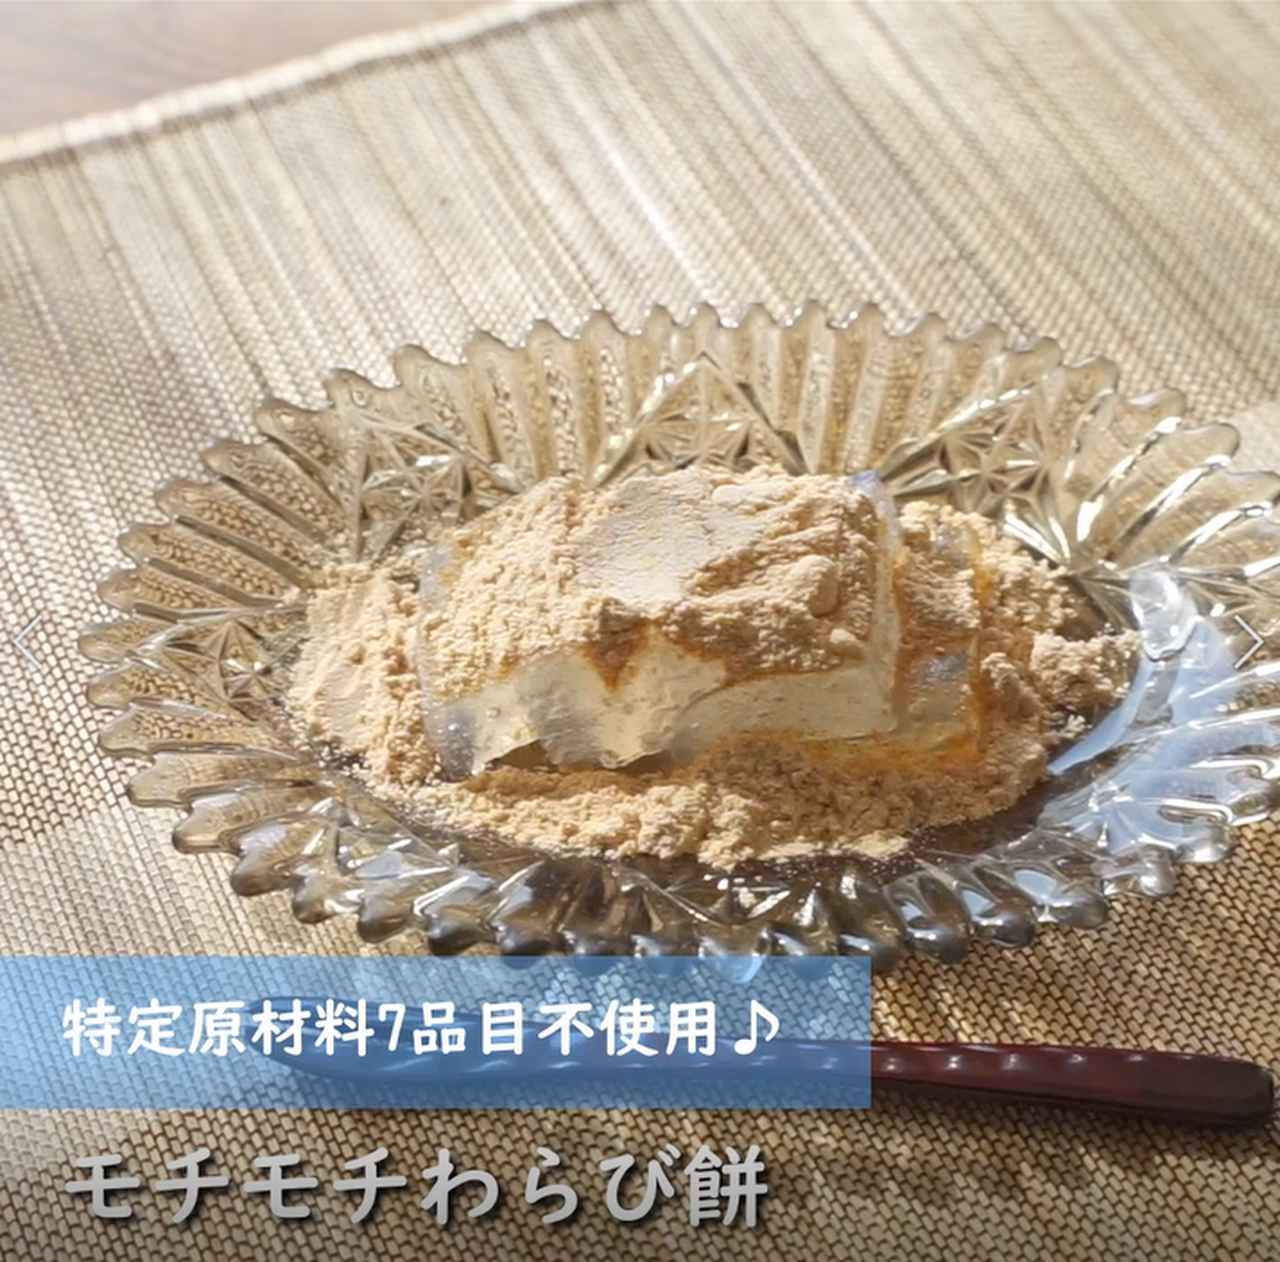 画像: モチモチ美味しいわらび餅 - 君とごはん